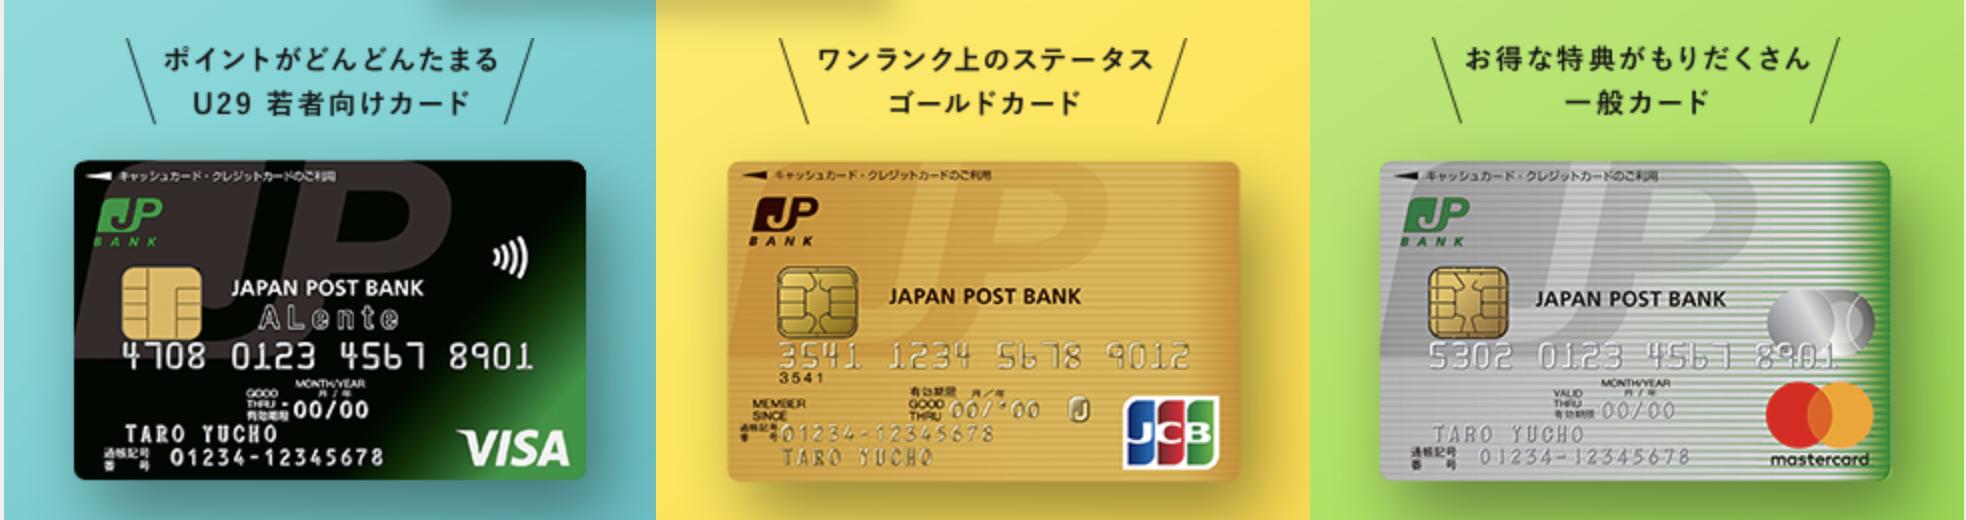 JP BANK カード3種類